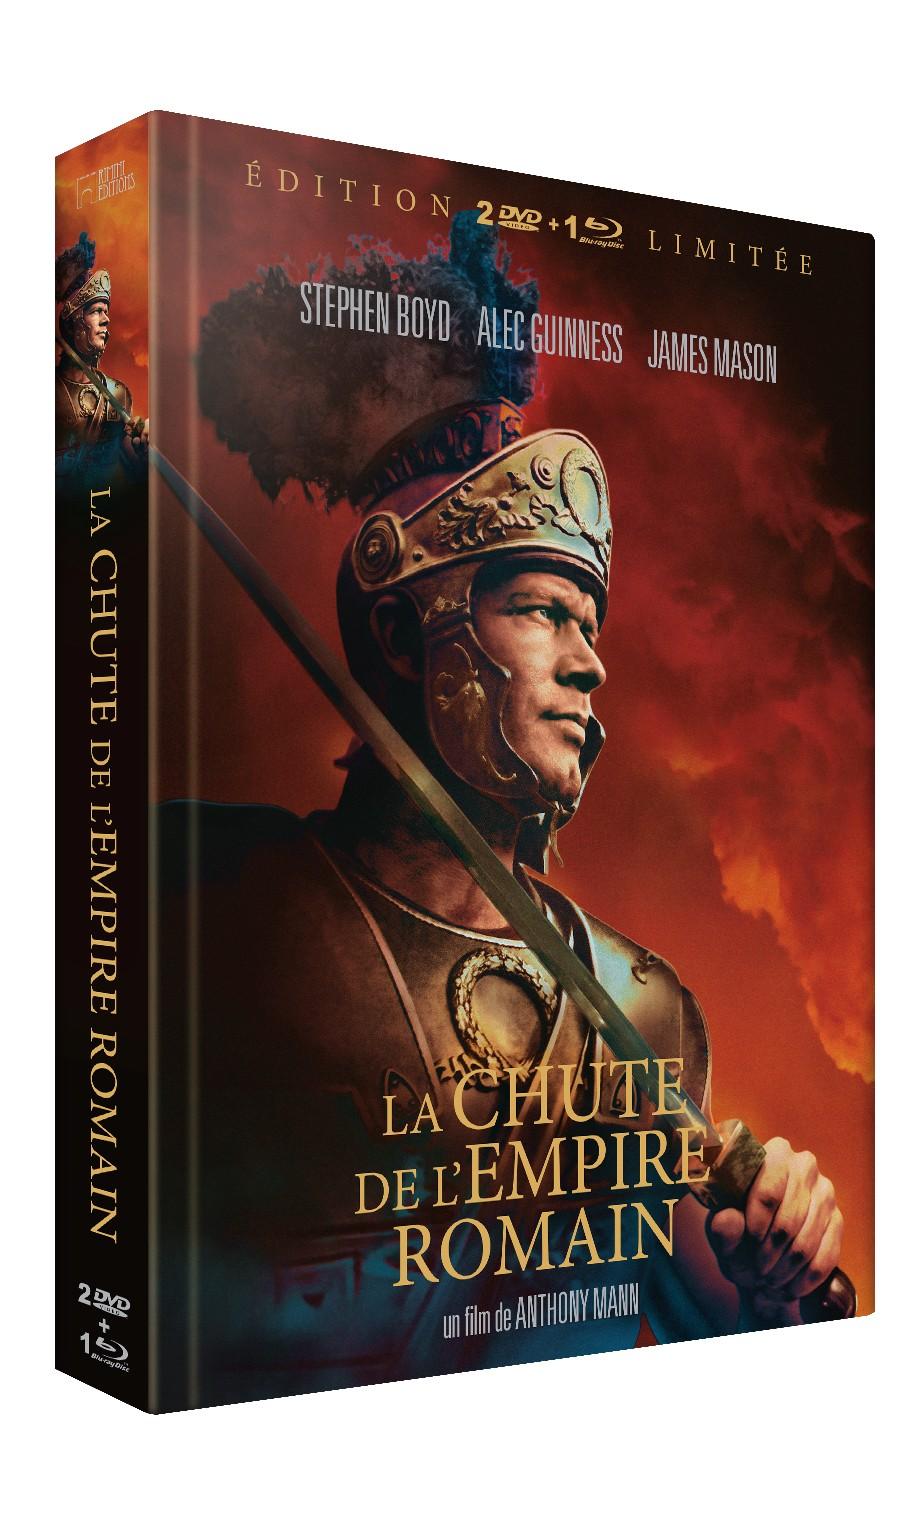 LA CHUTE DE L'EMPIRE ROMAIN ÉDITION LIMITÉE - DVD + BRD